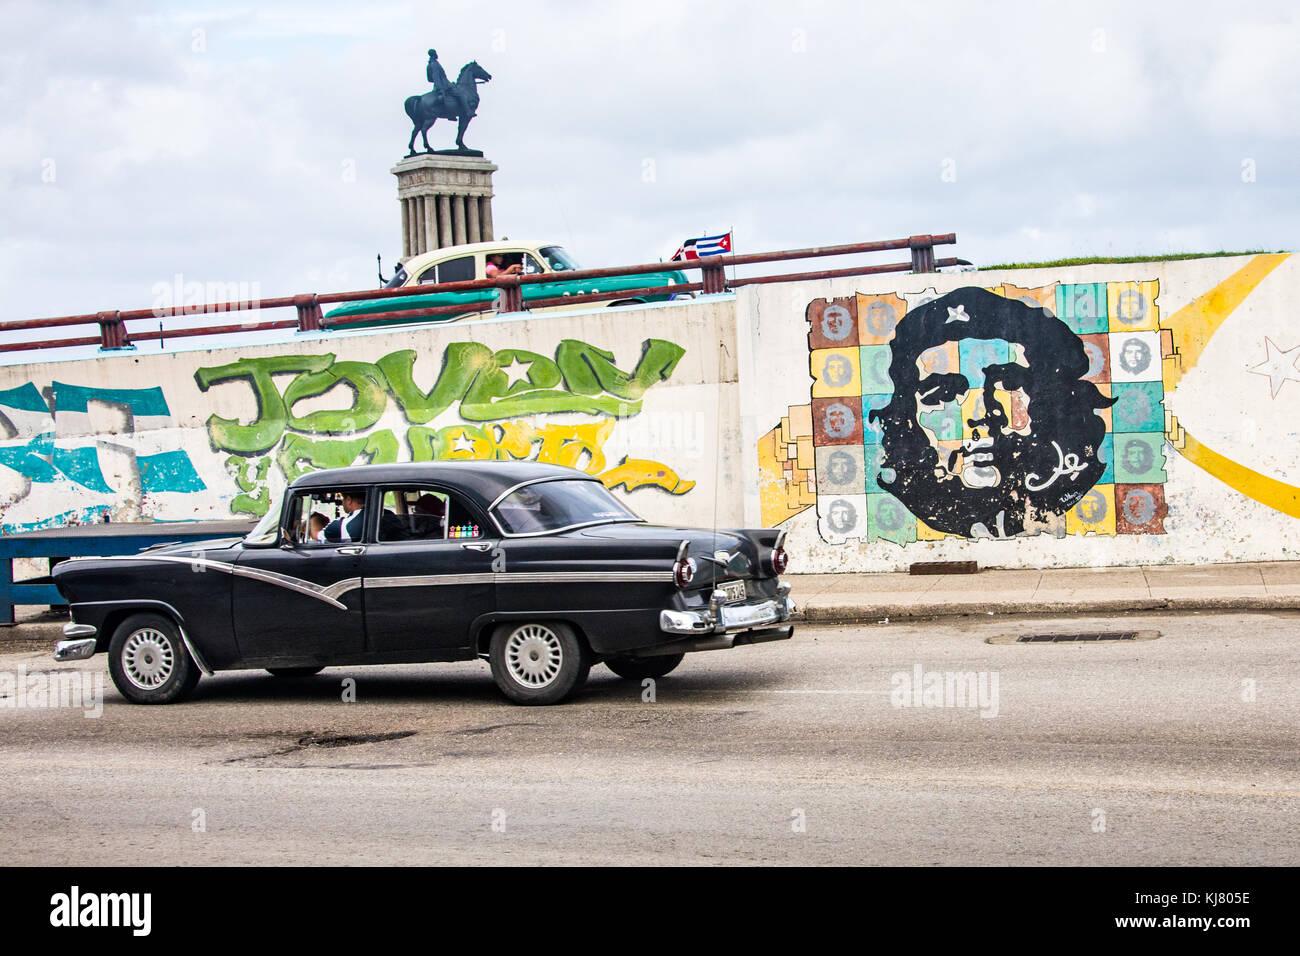 Street Scene, alte amerikanische Autos und Che Guevara, Havanna, Kuba Stockbild